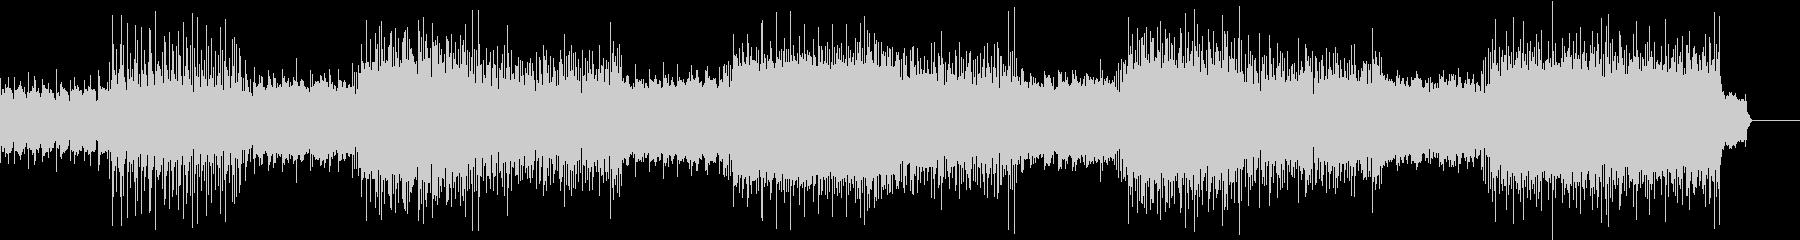 クリスチャンポップ。ピアノバー、フ...の未再生の波形